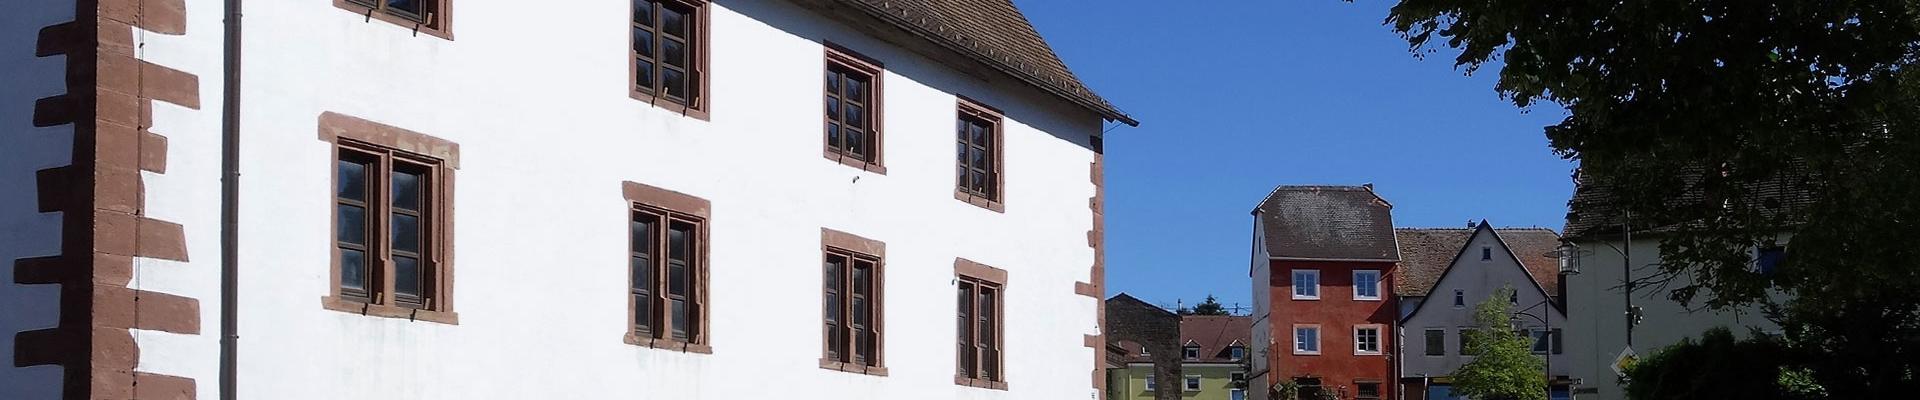 Altes Rathaus der Klosterstadt Hornbach